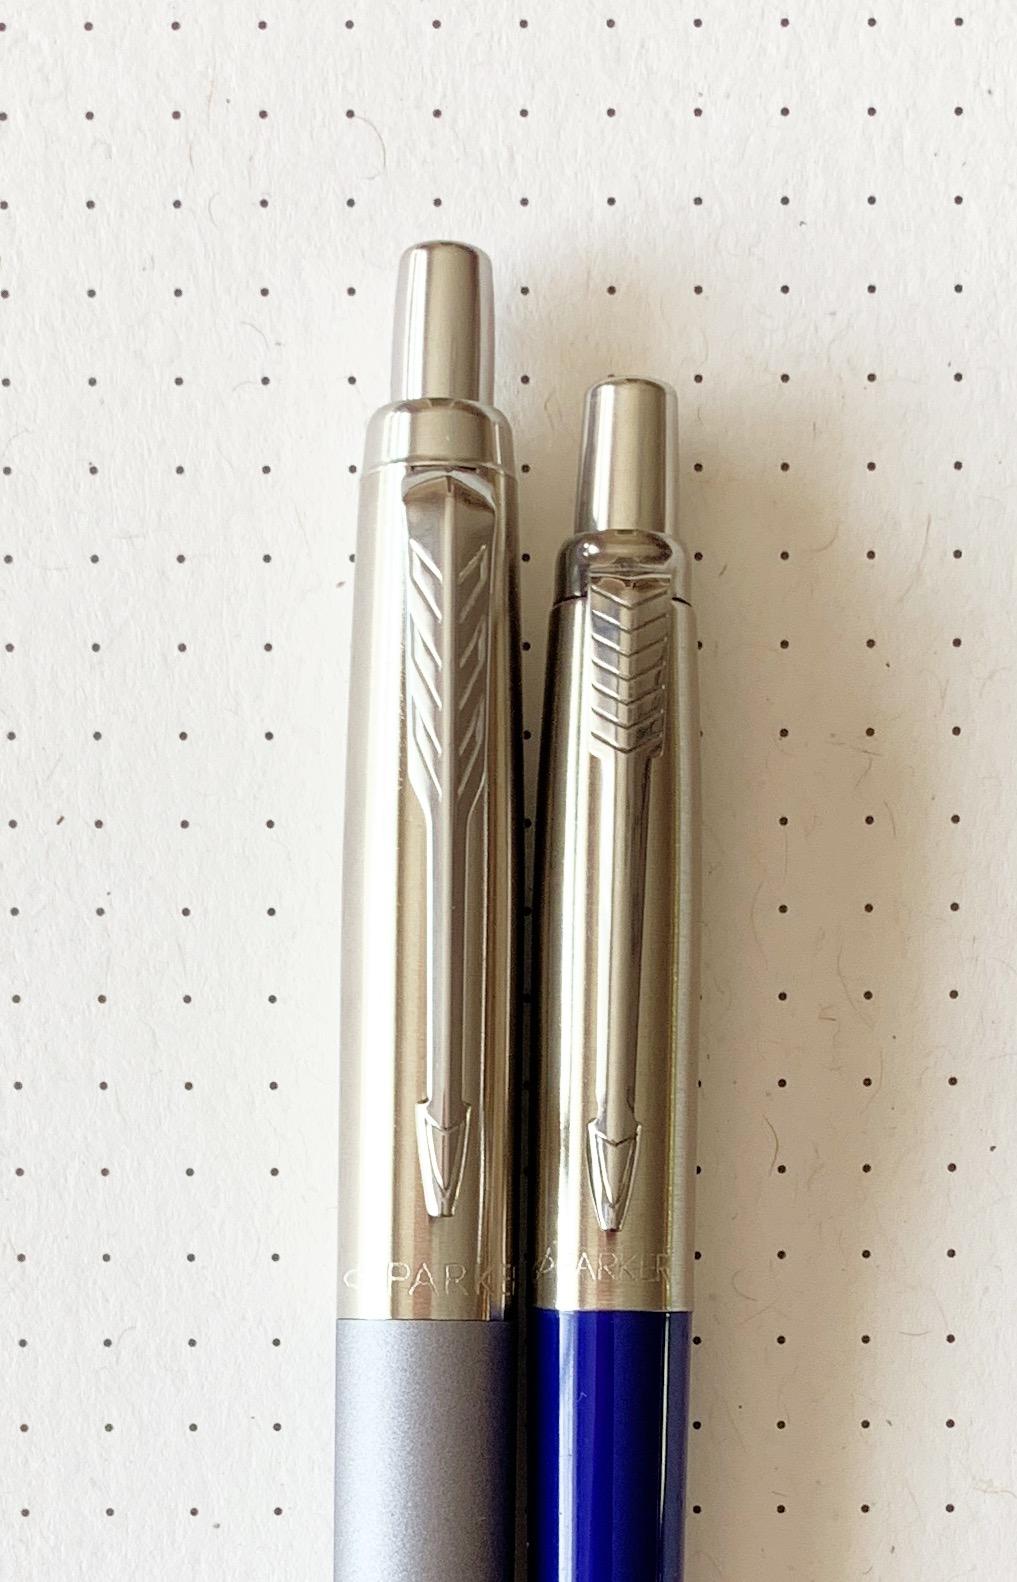 Parker Jotter XL Ballpoint Pen Clip